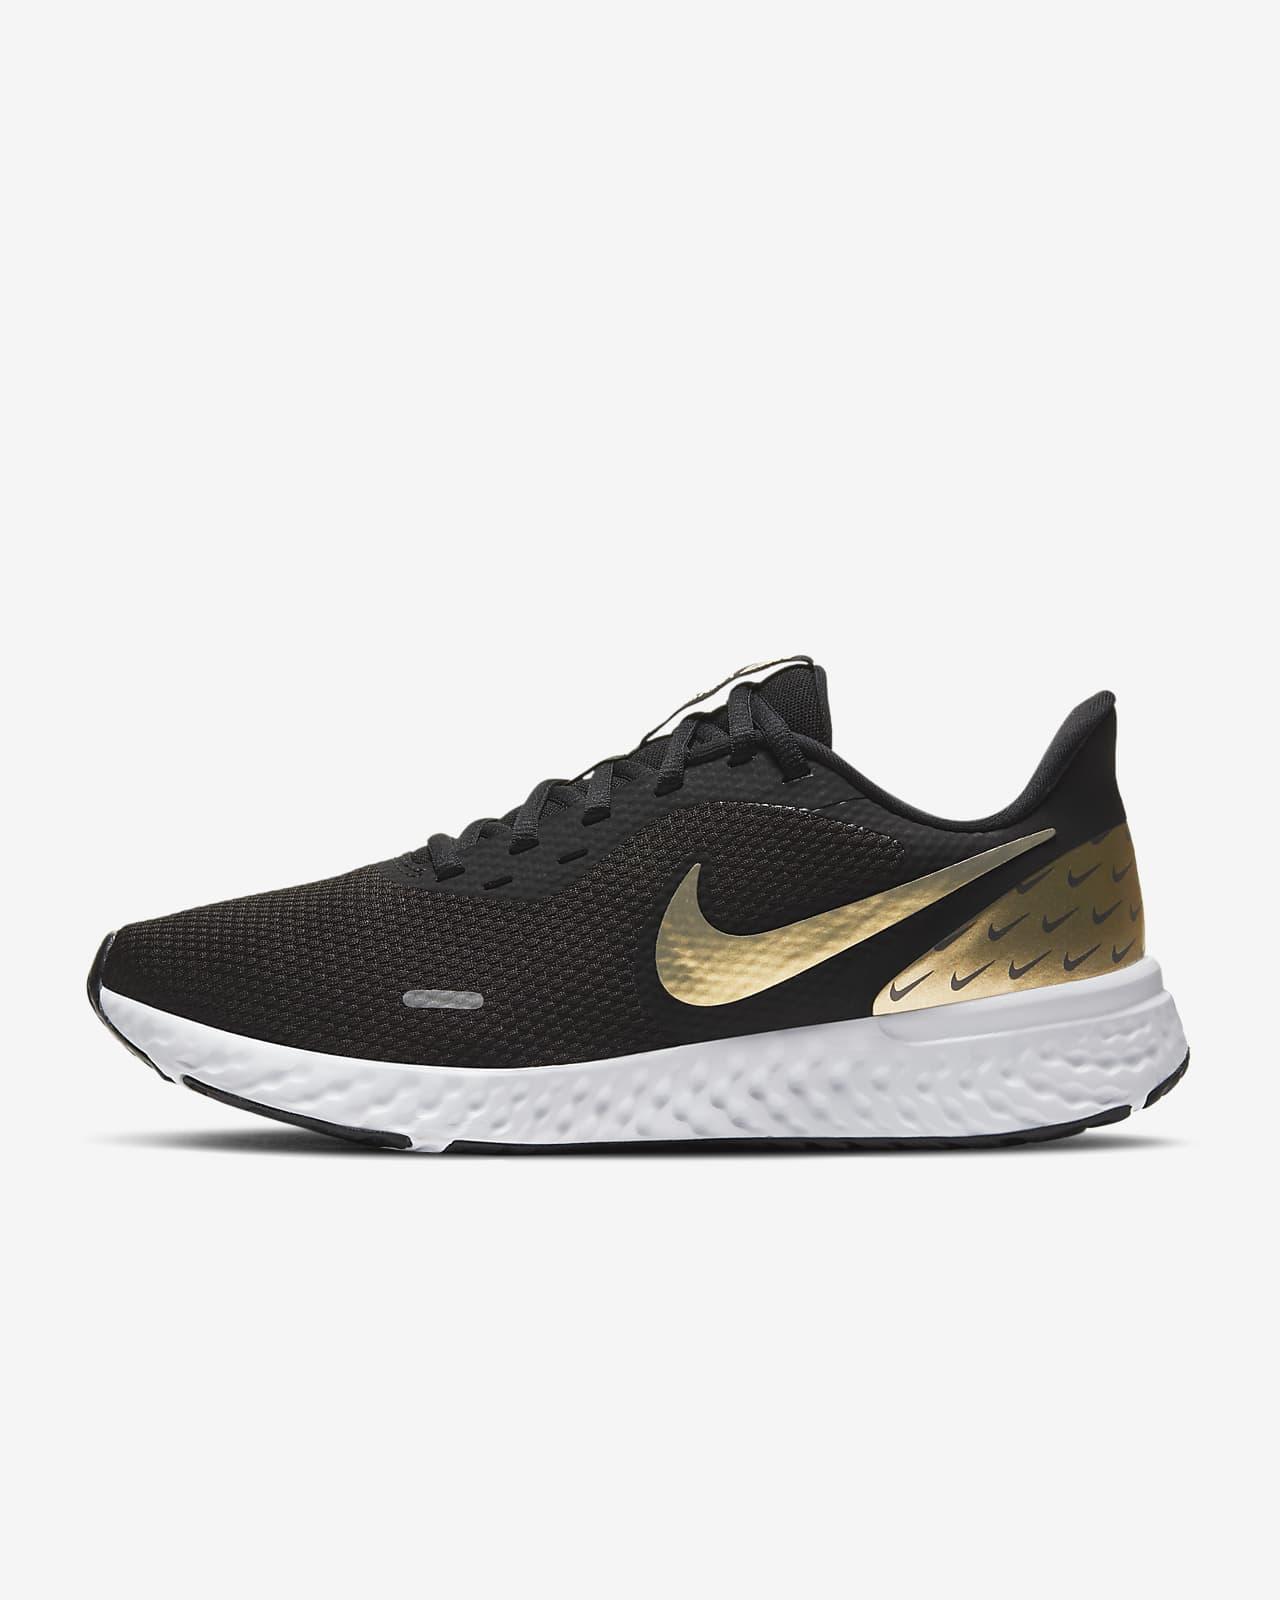 Nike Revolution 5 Premium Hardloopschoen voor dames